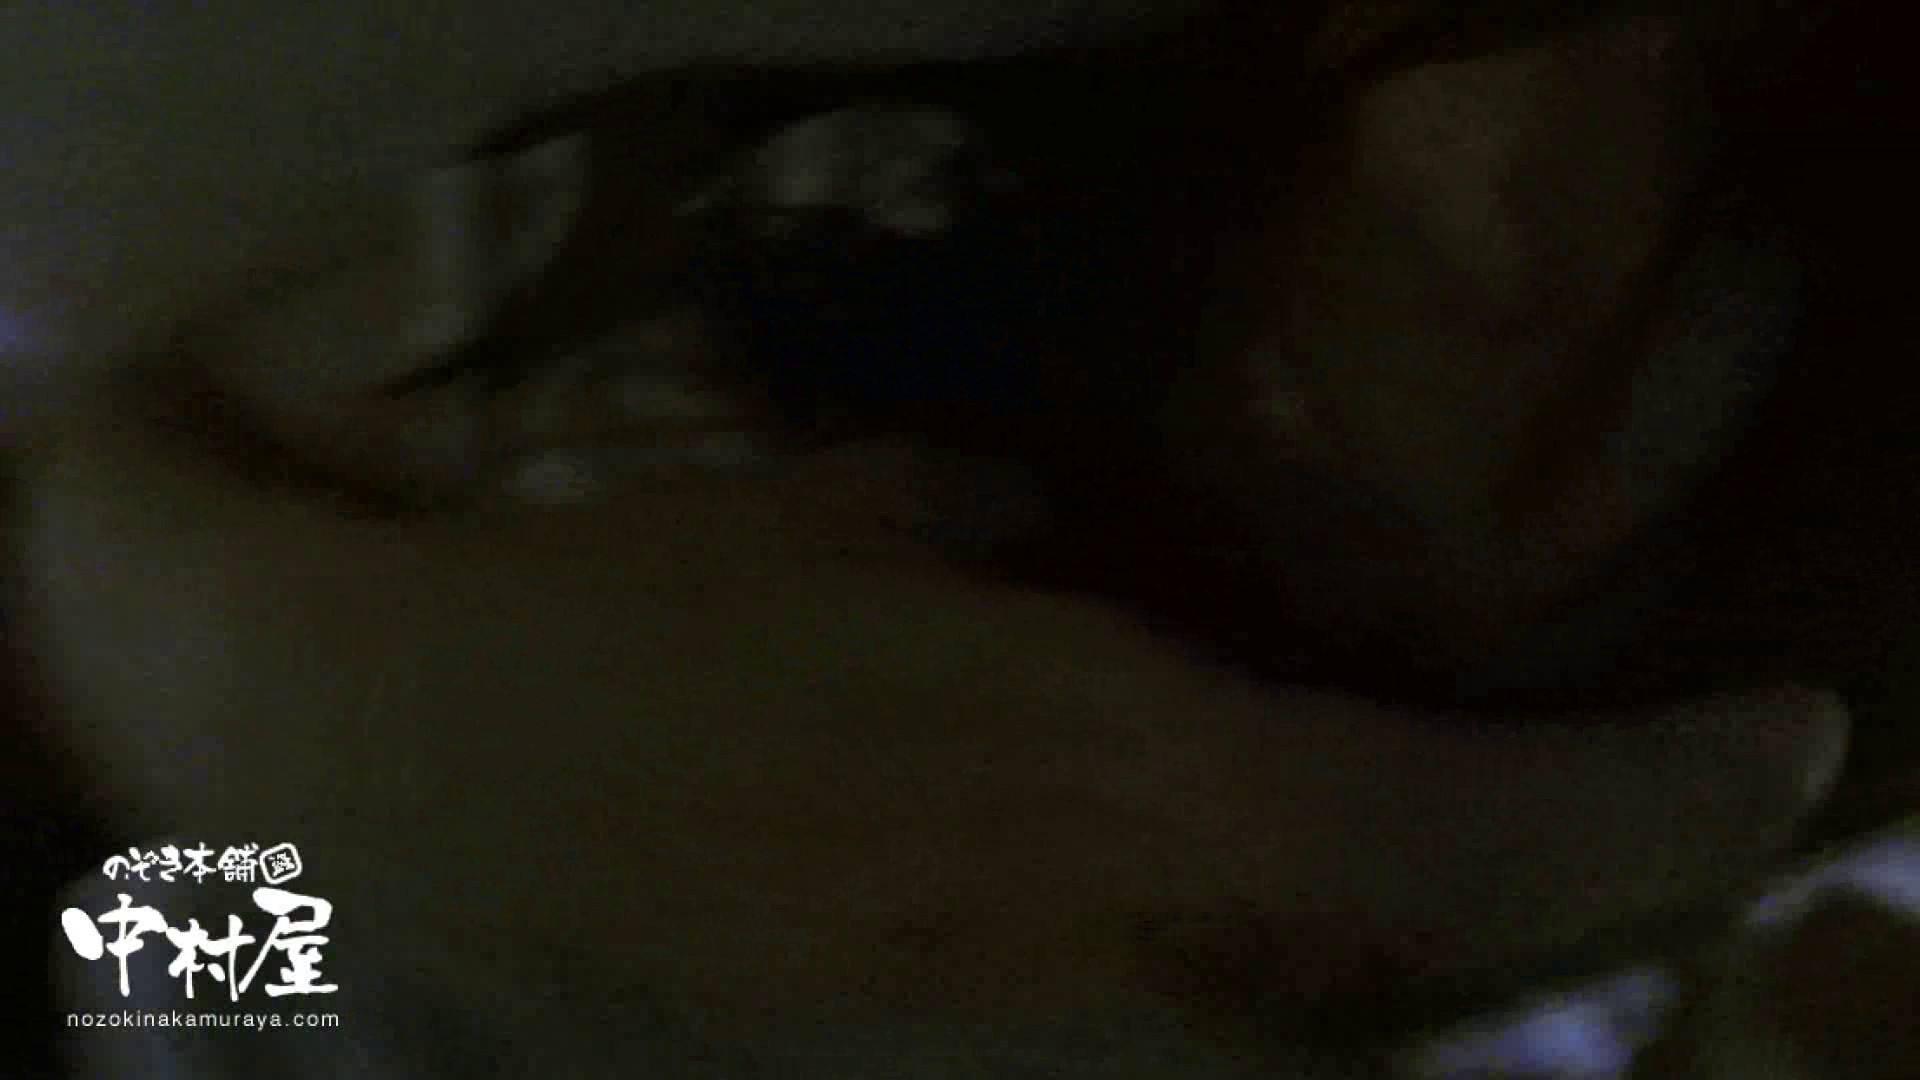 鬼畜 vol.05 誰にも言うなよ! はぃ… 後編 OLエロ画像  99PICs 68